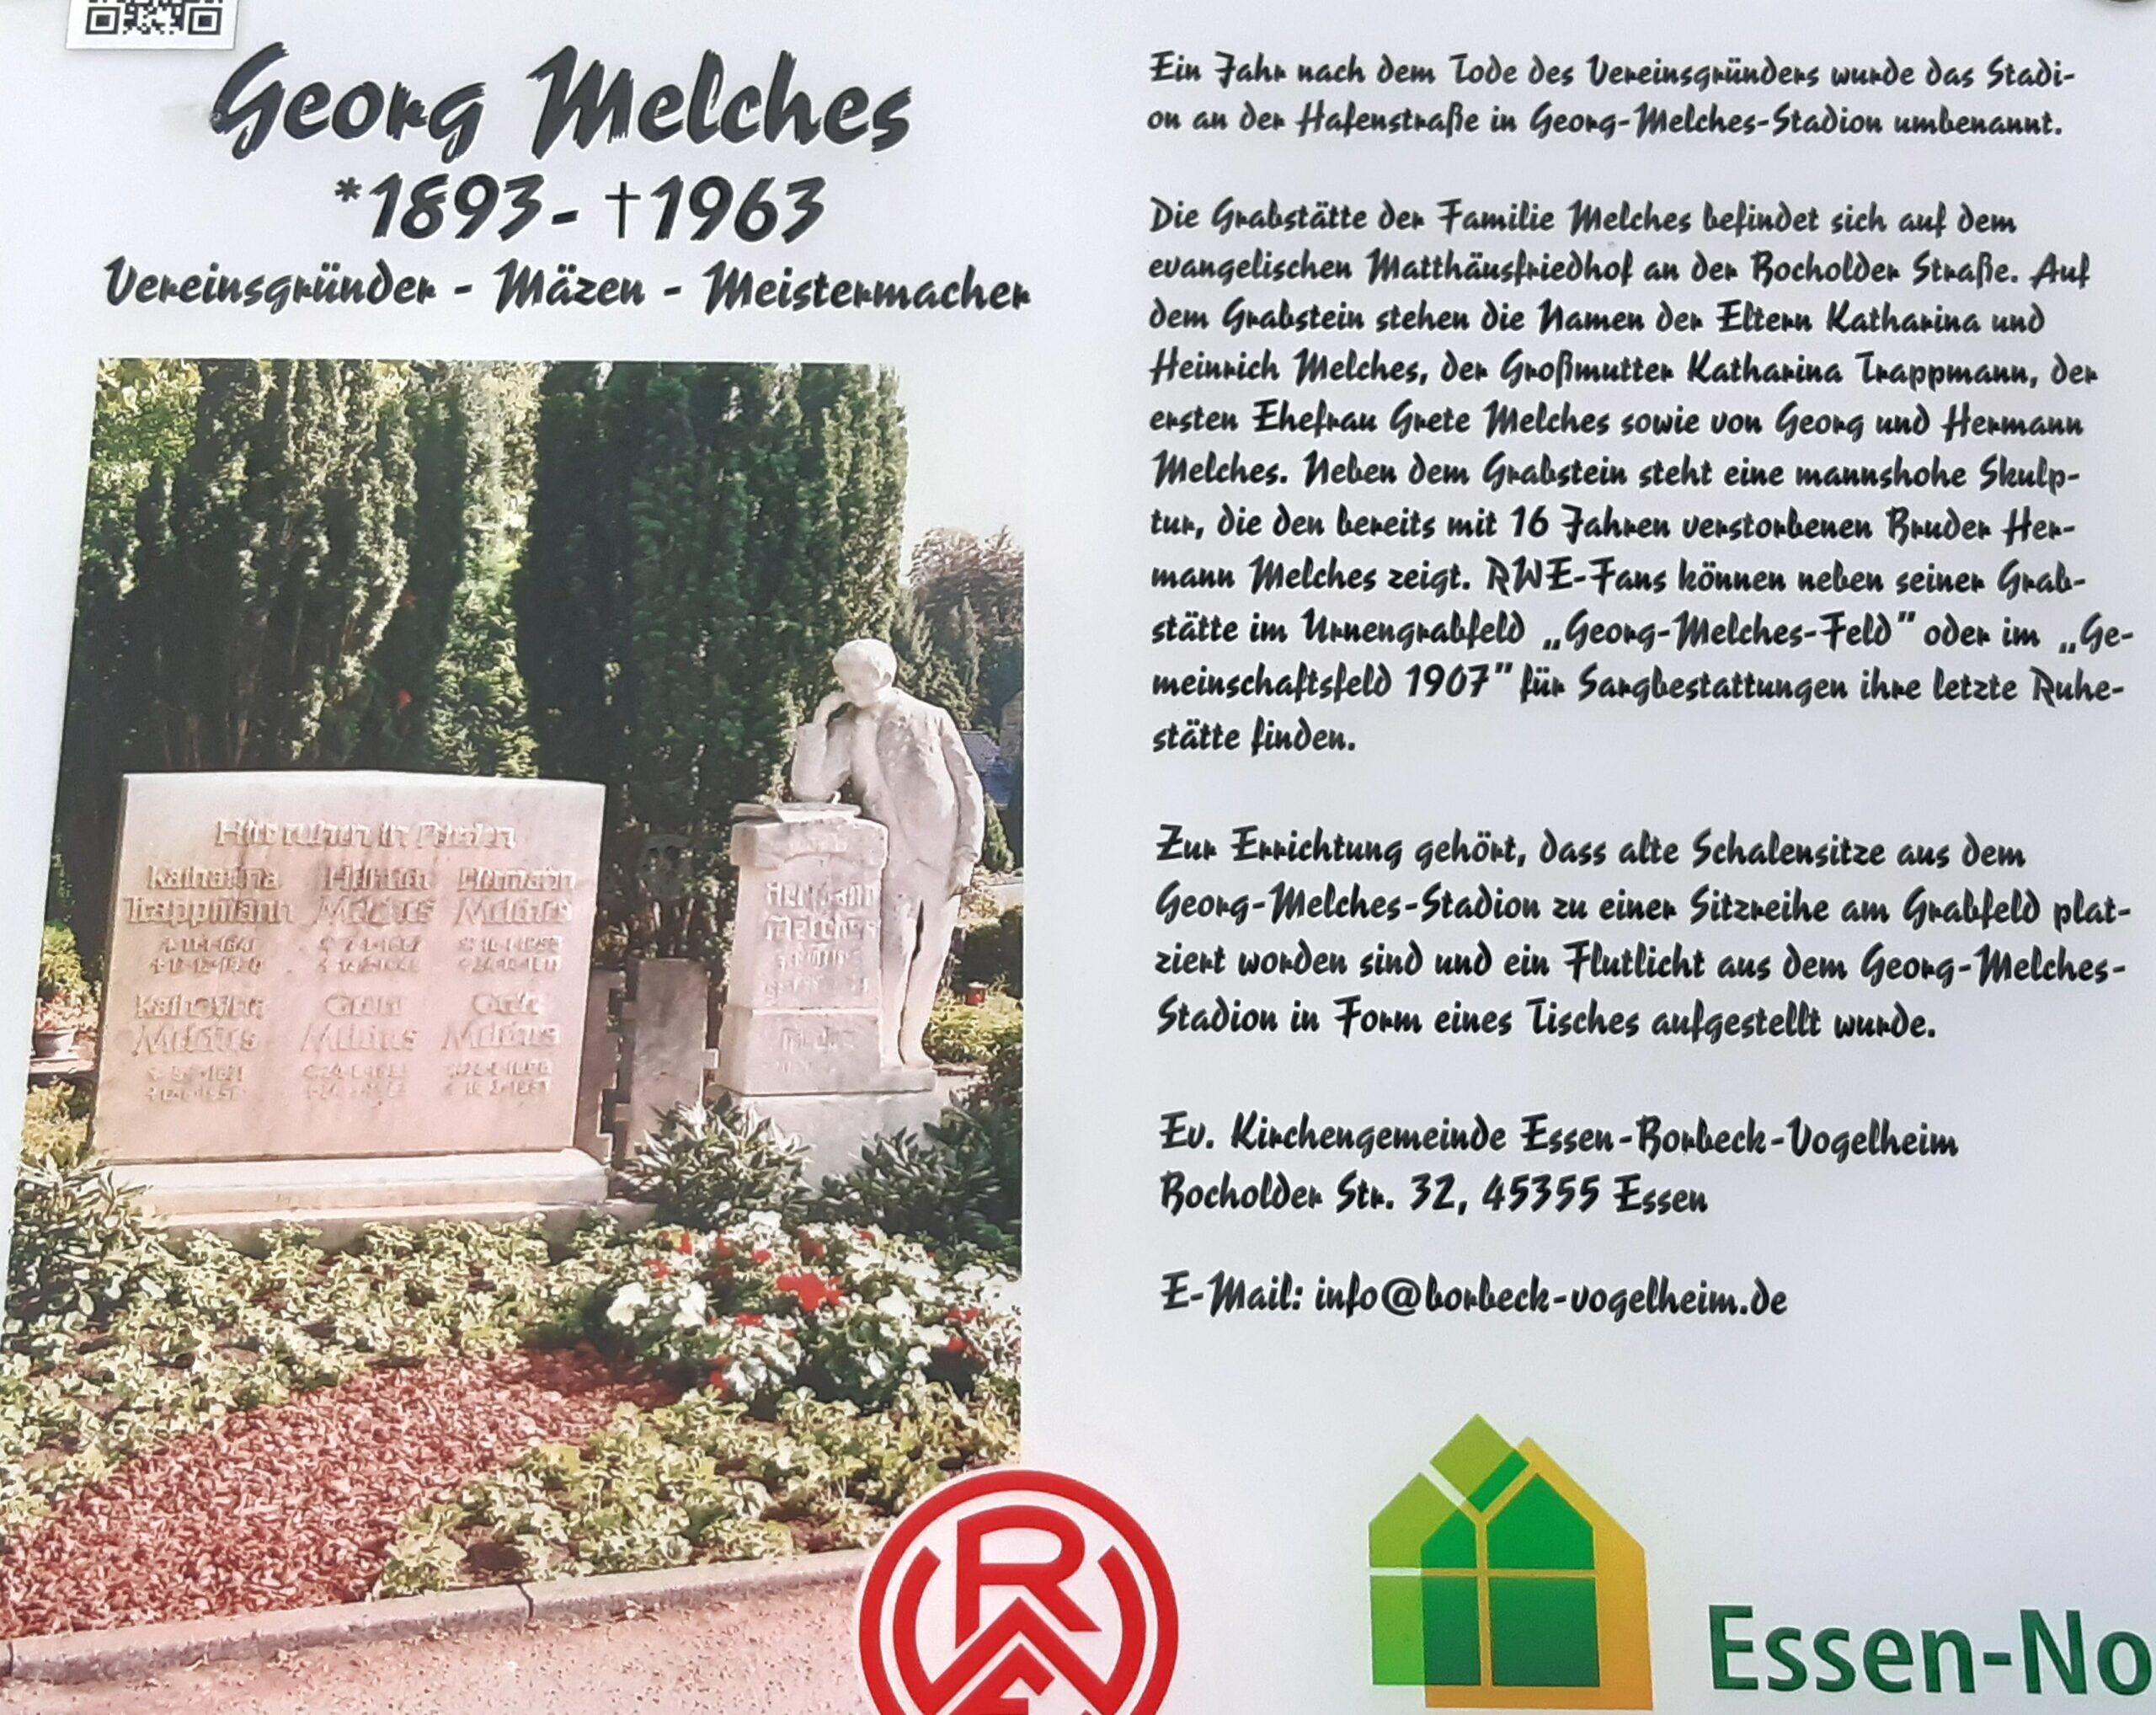 Die historischen Fototafeln der kleinen Gruga